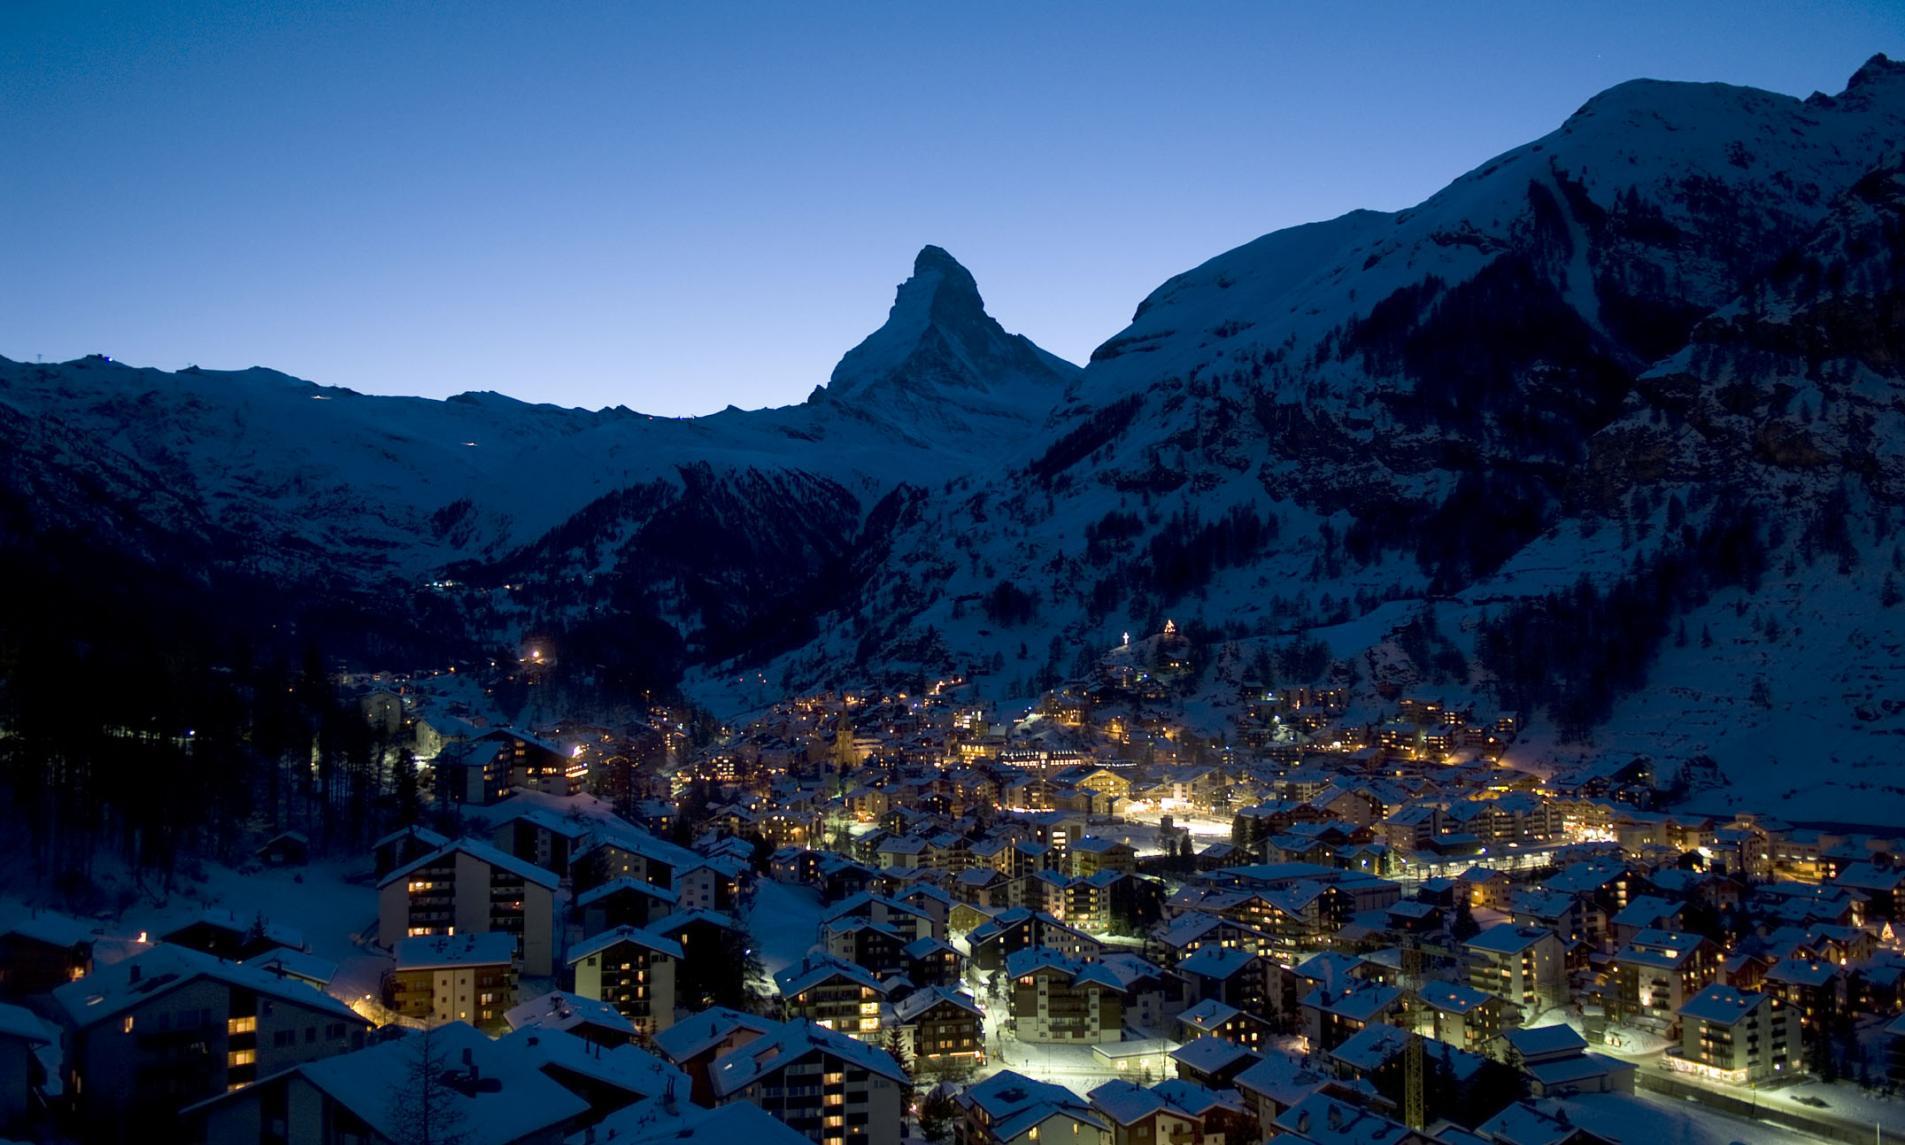 Zermatt